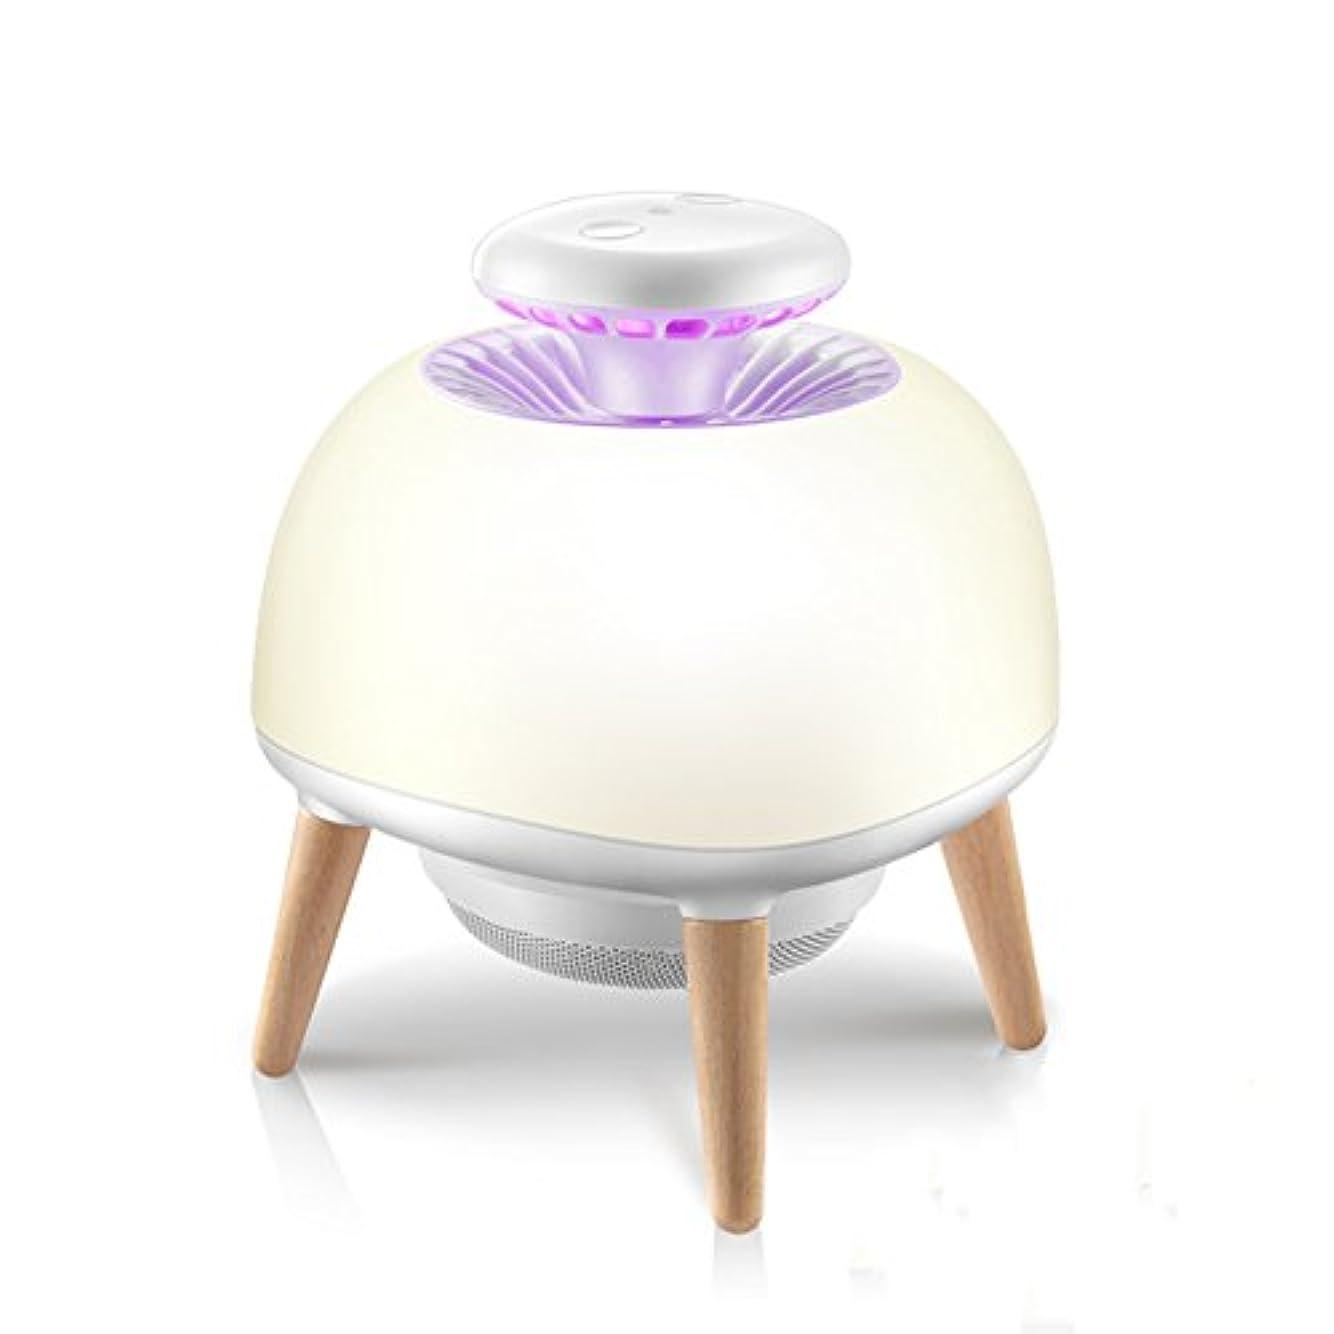 簡単な喜劇出撃者WENZHE 蚊対策 殺虫器灯 誘虫灯 虫除け テーブルランプ インドア 世帯 LED光源 プラグインタイプ サイレント 多機能、 白、 160×195mm